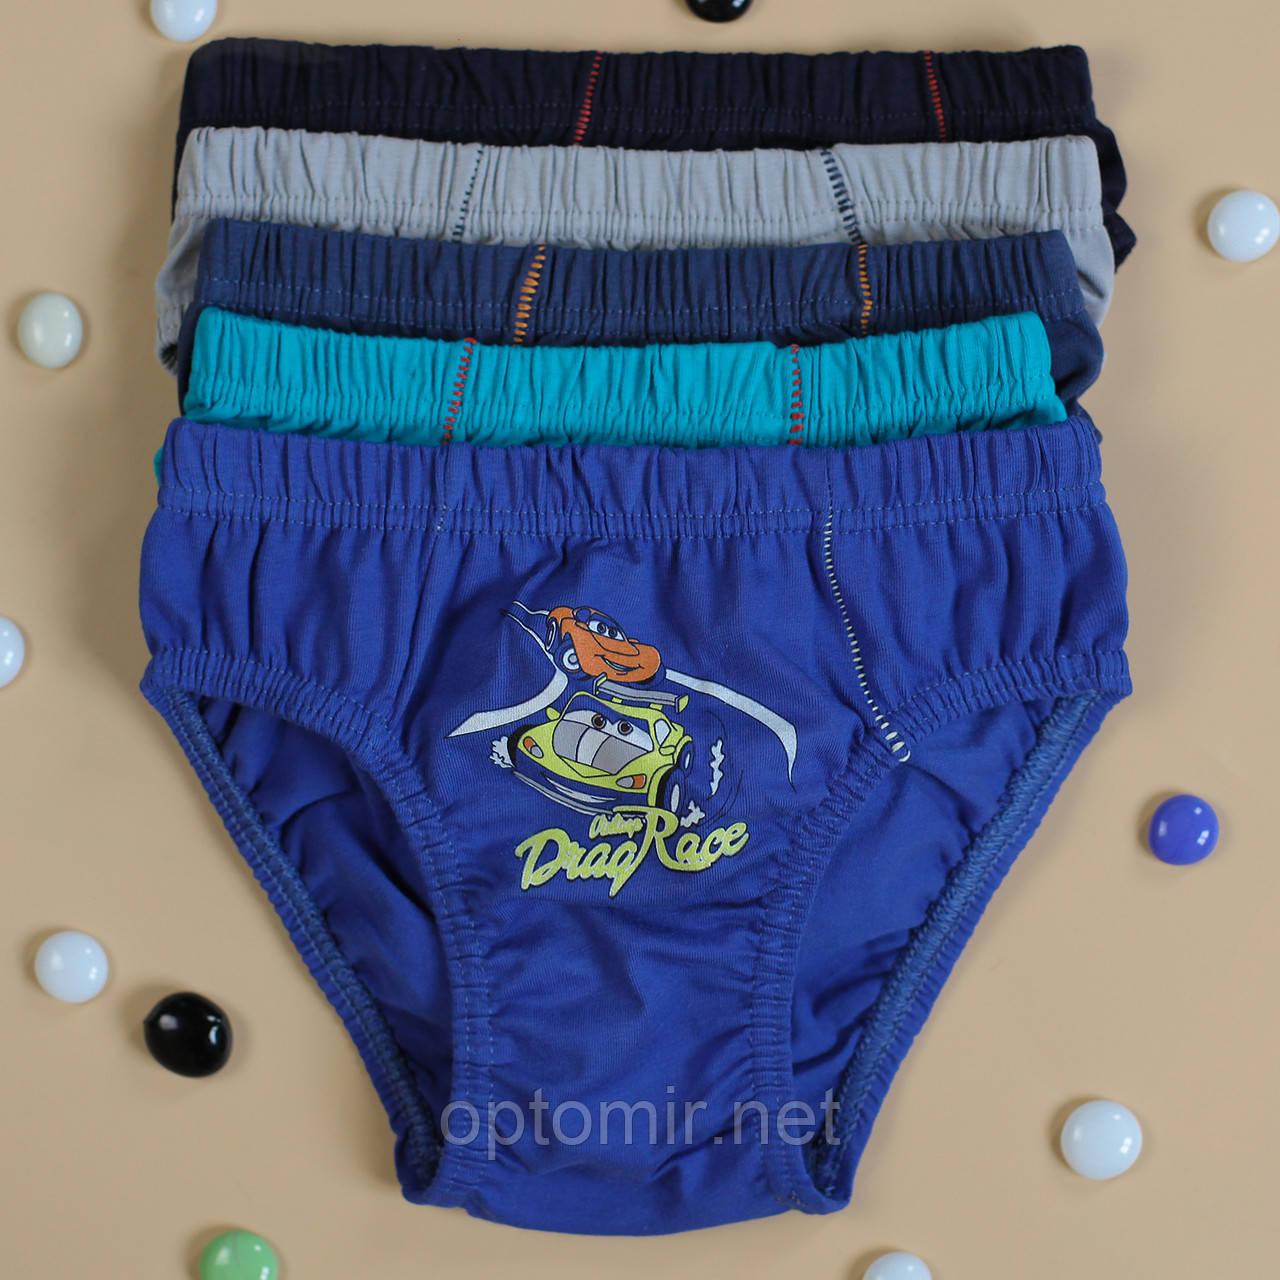 Детские трусы плавки для мальчика Nicoletta (возраст: 3, 5-6 лет) | 5 шт.